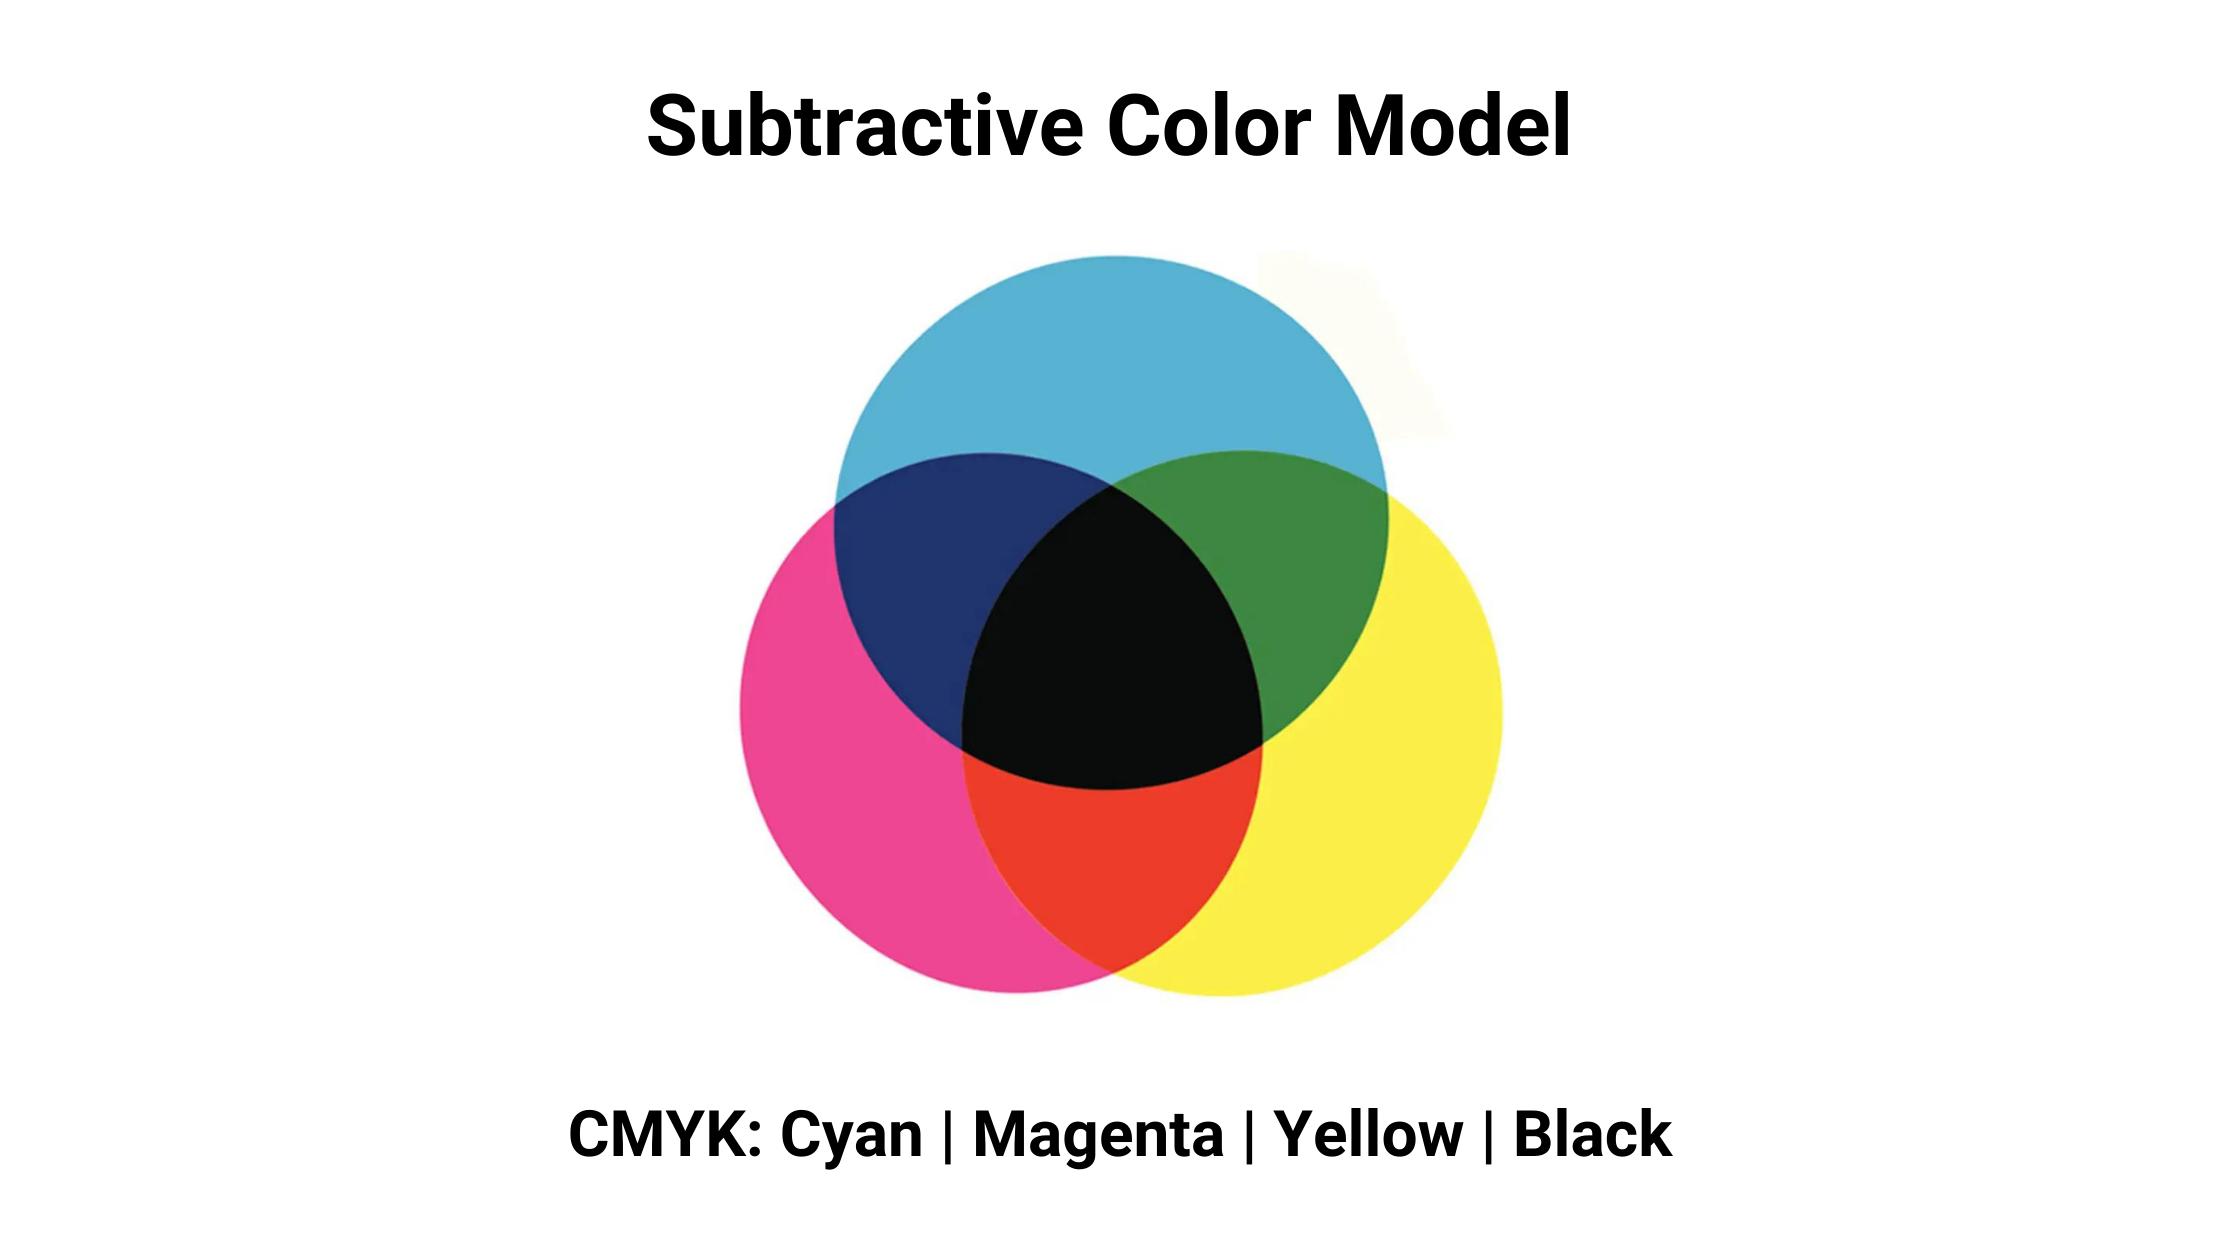 subtractive color model diagram